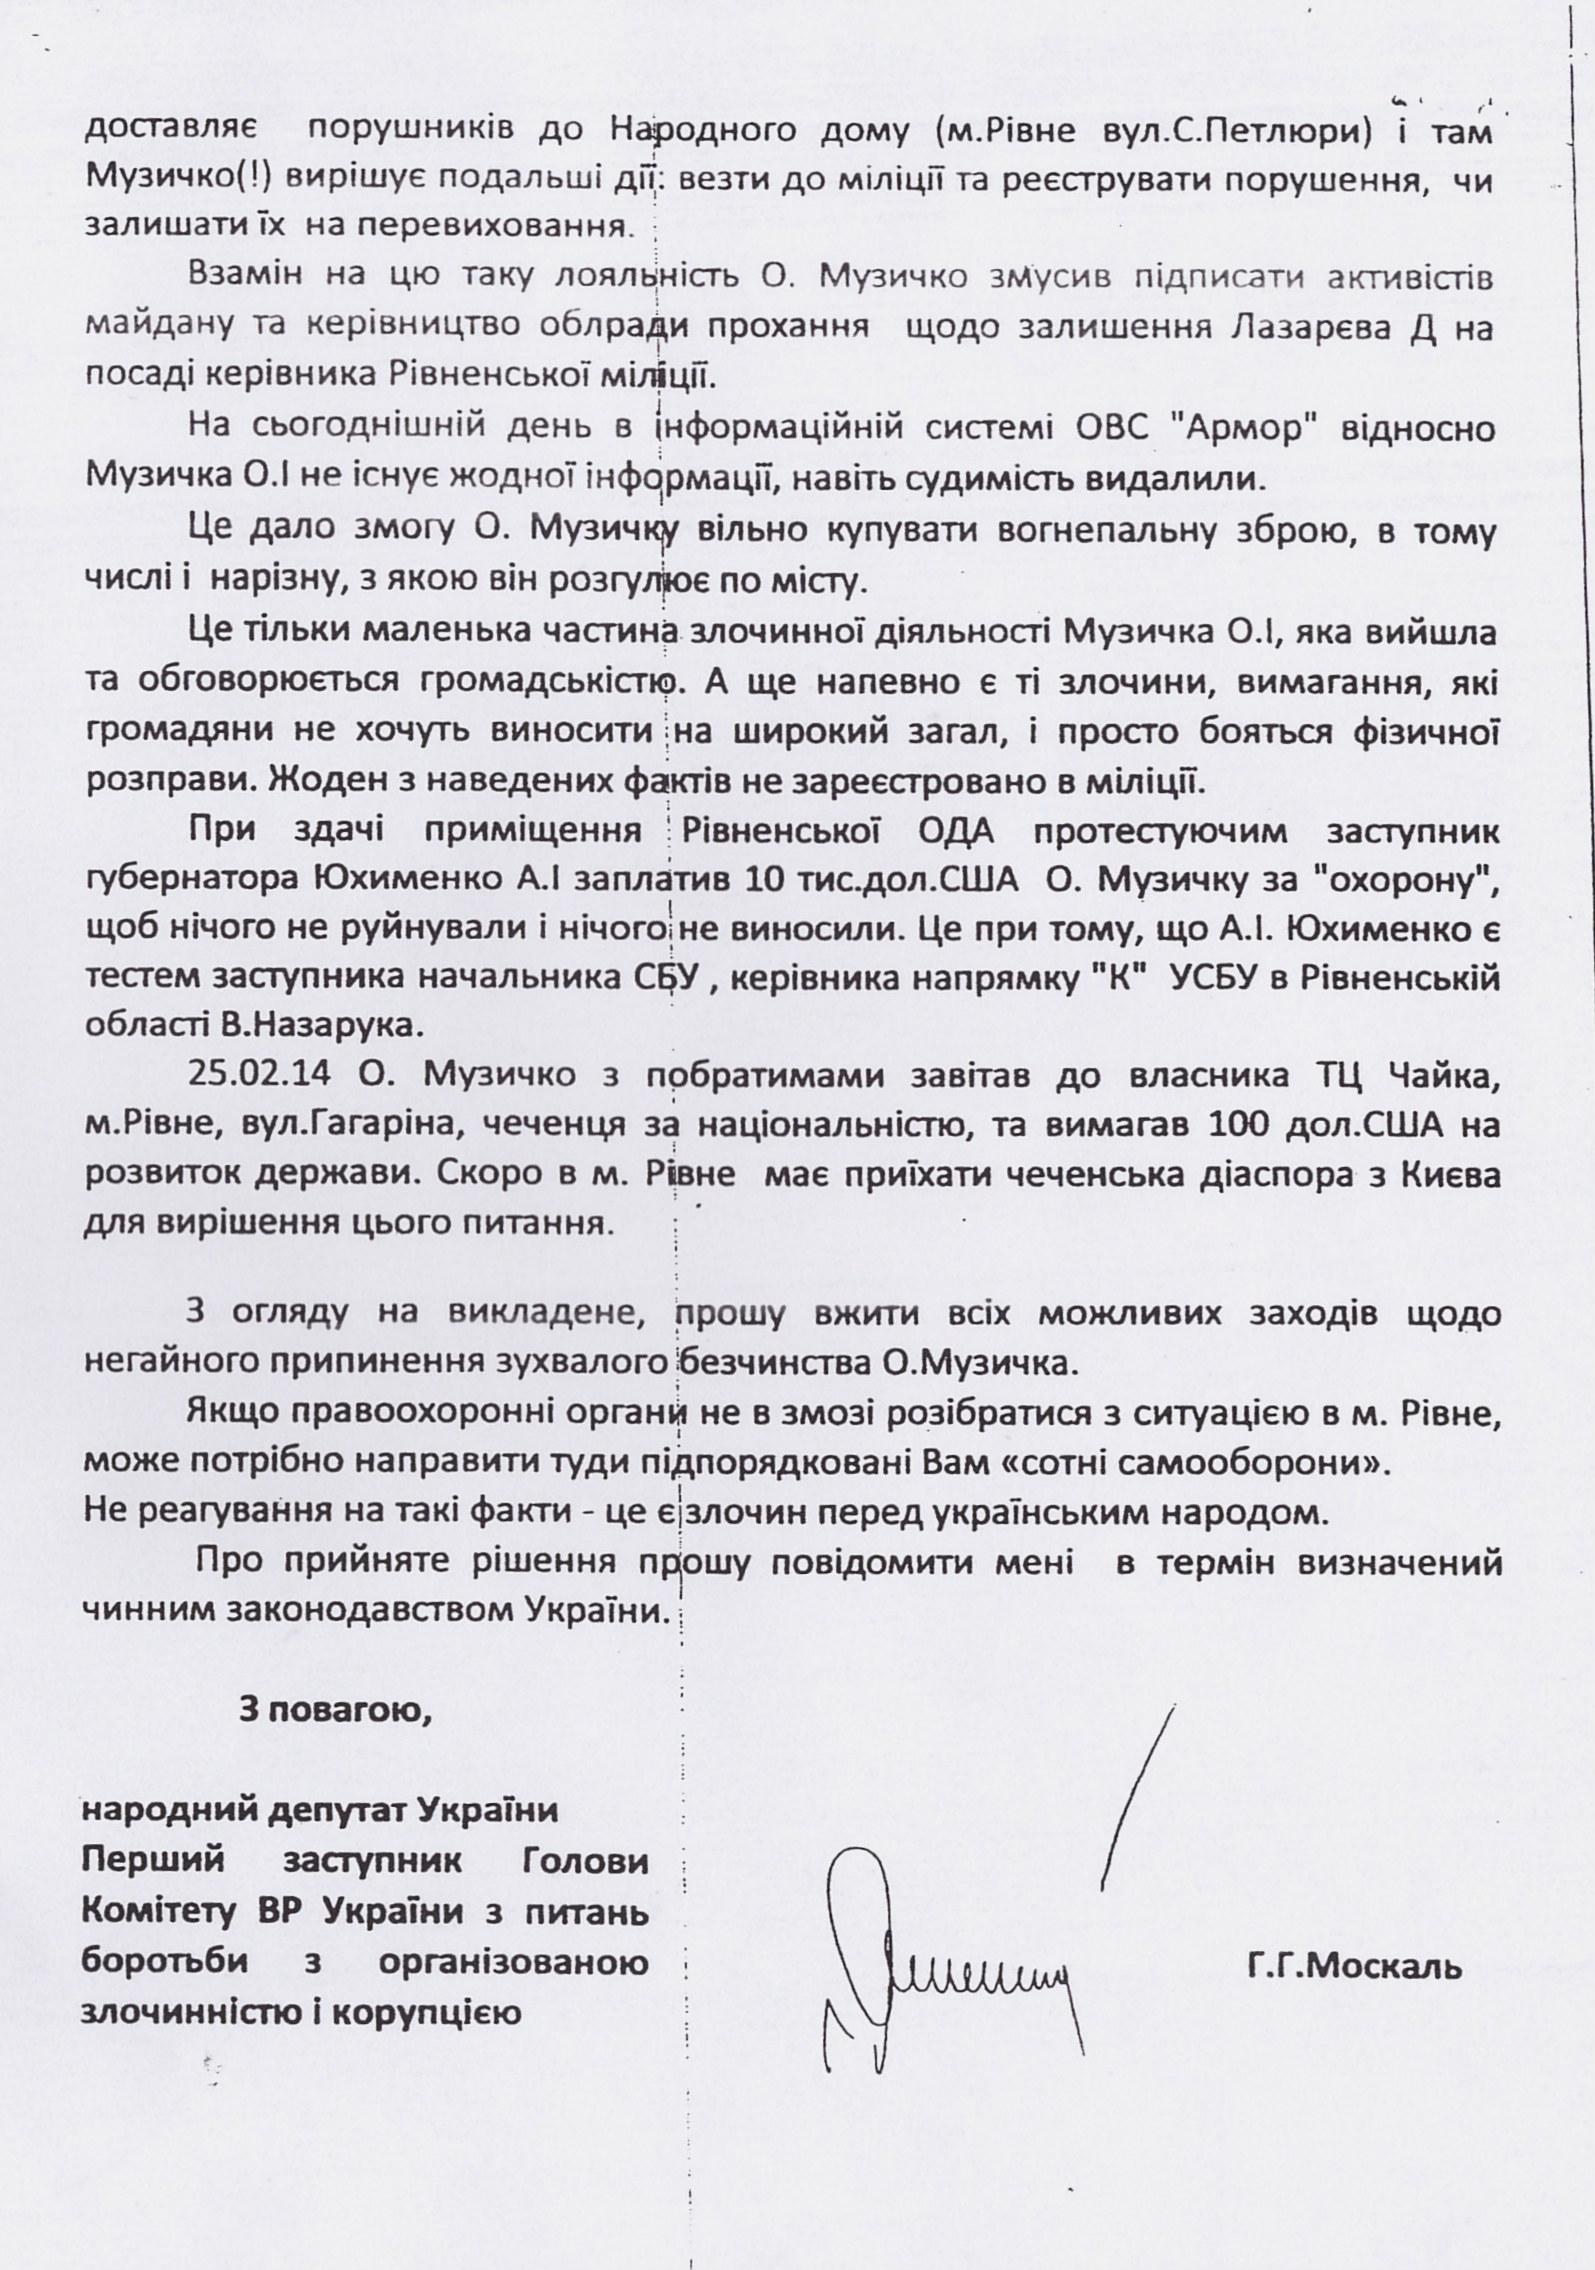 Москаль: Сашко Билый вымогал деньги от ГАИ и налоговой (документ)